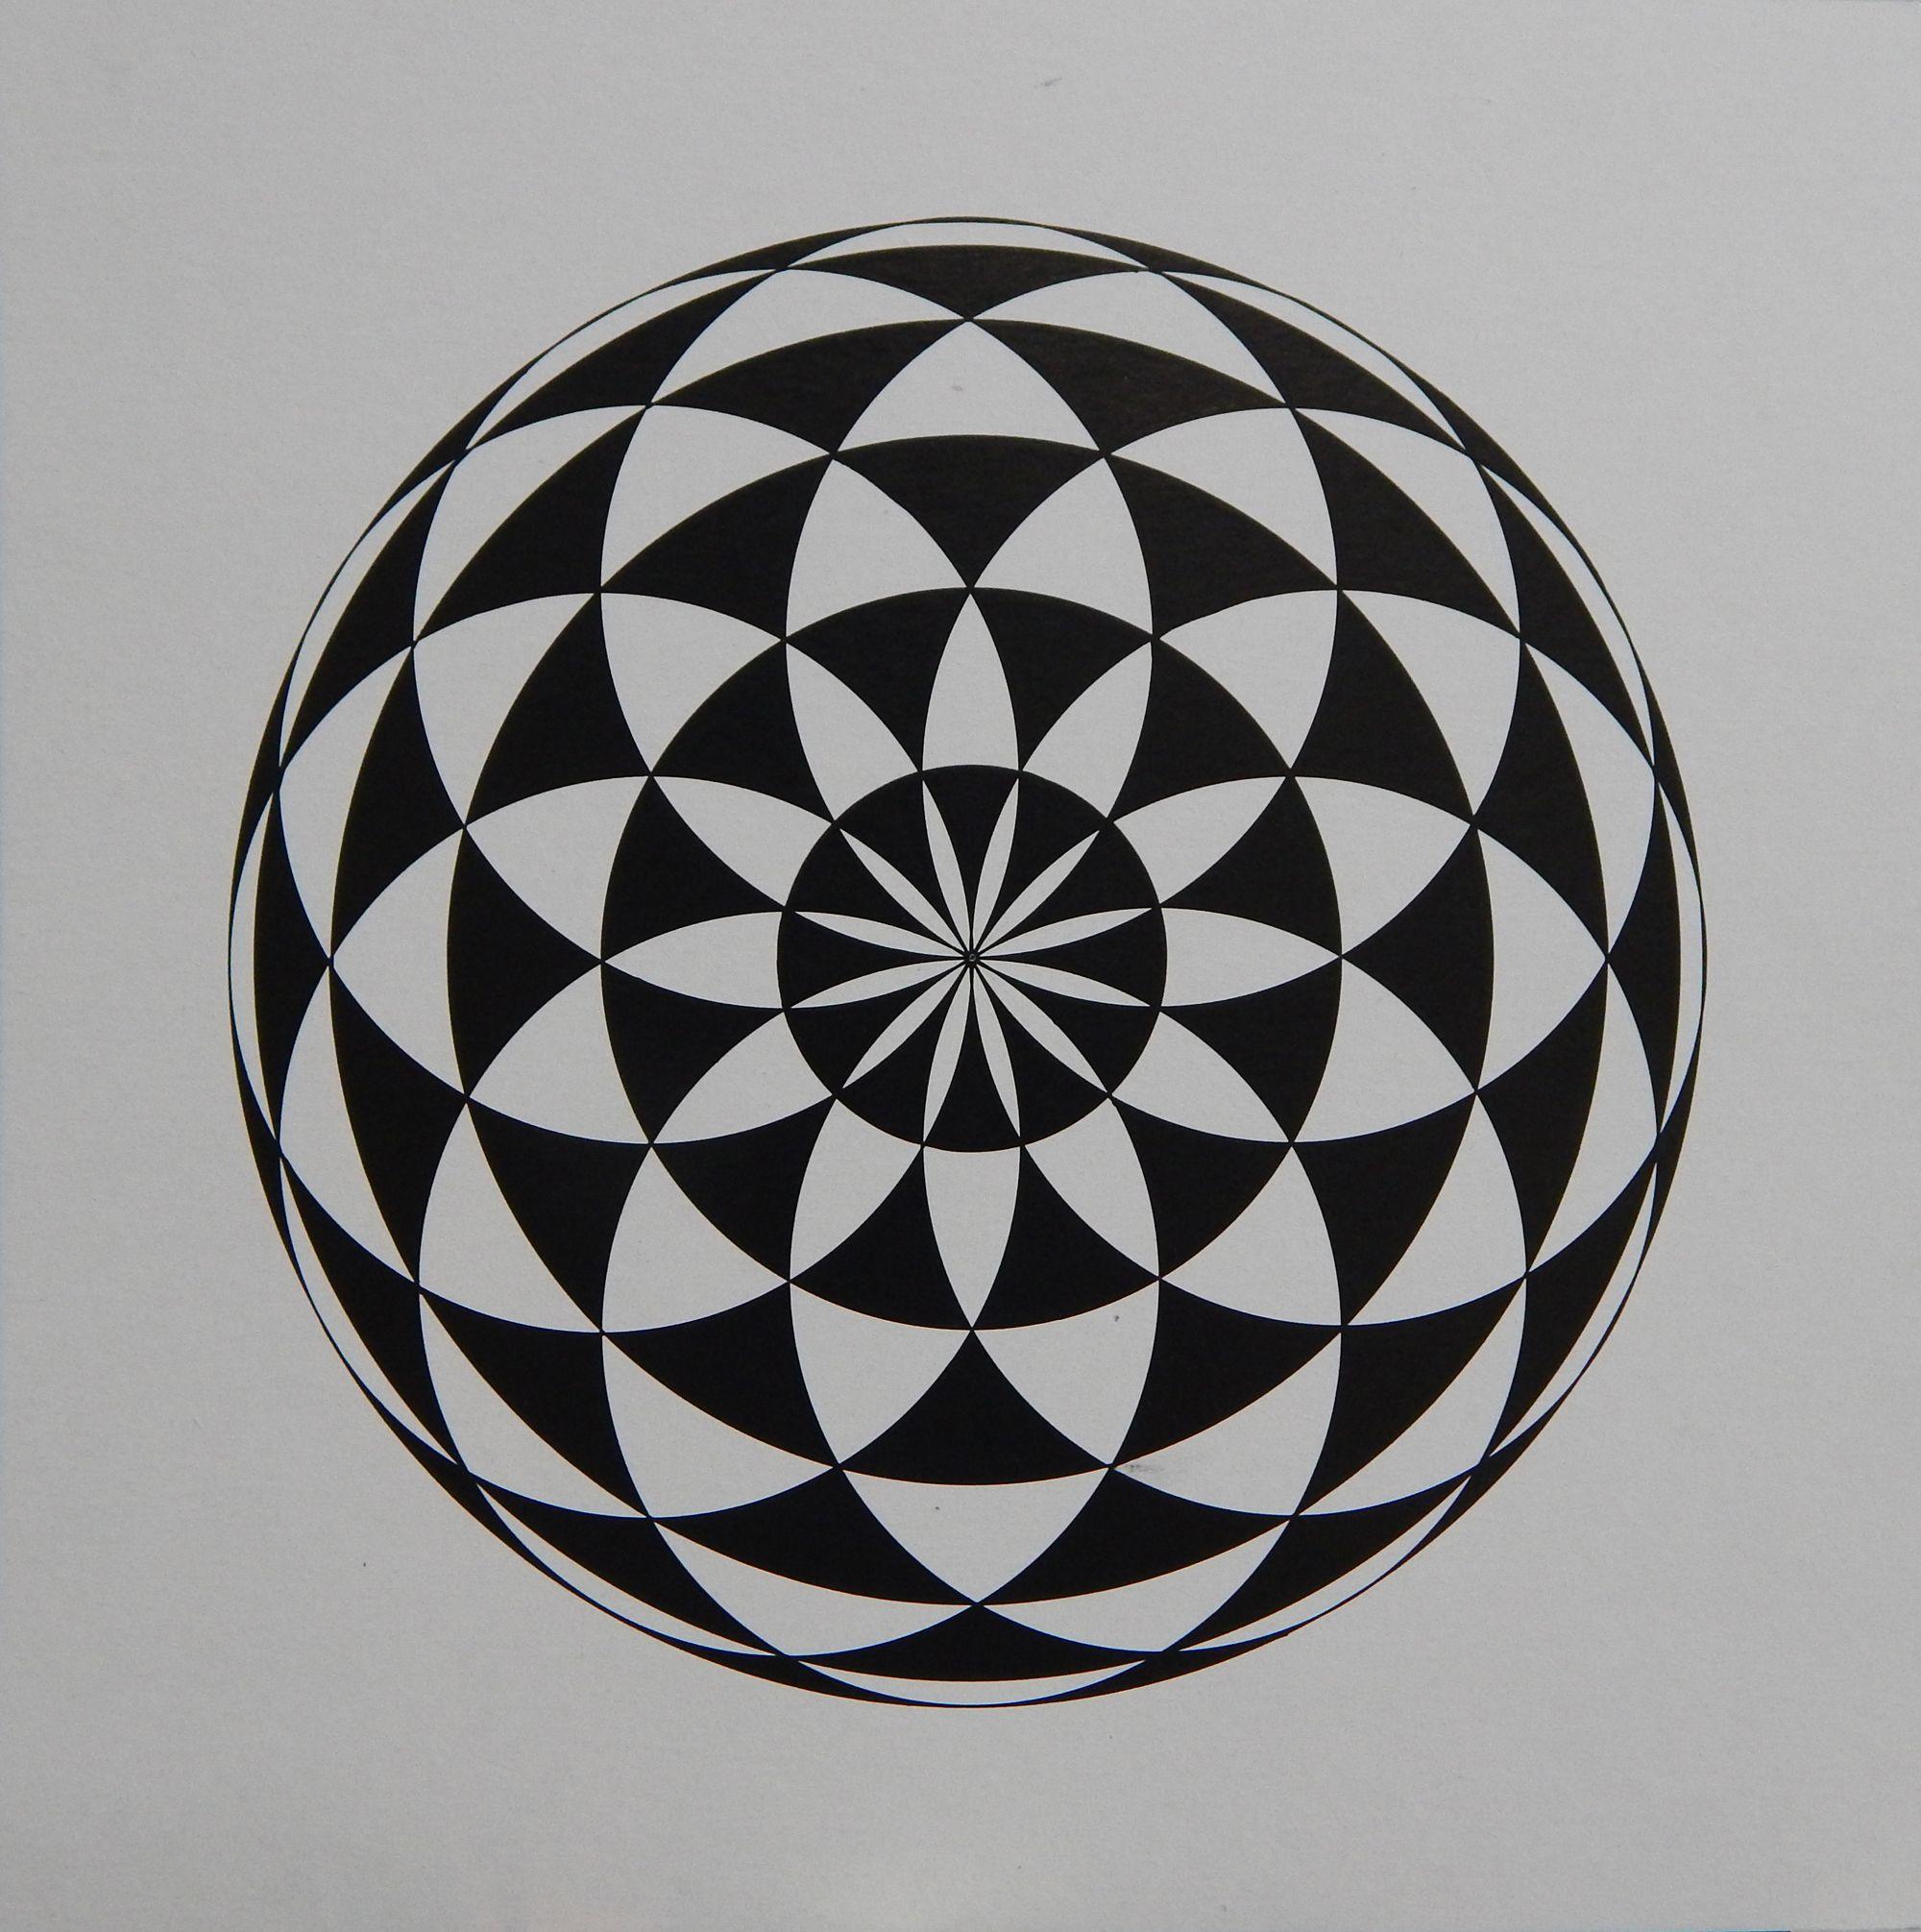 Resultado De Imagen Para Como Dibujar Mandalas Con Compas Como Dibujar Mandalas Dibujos Con Mandalas Dibujos